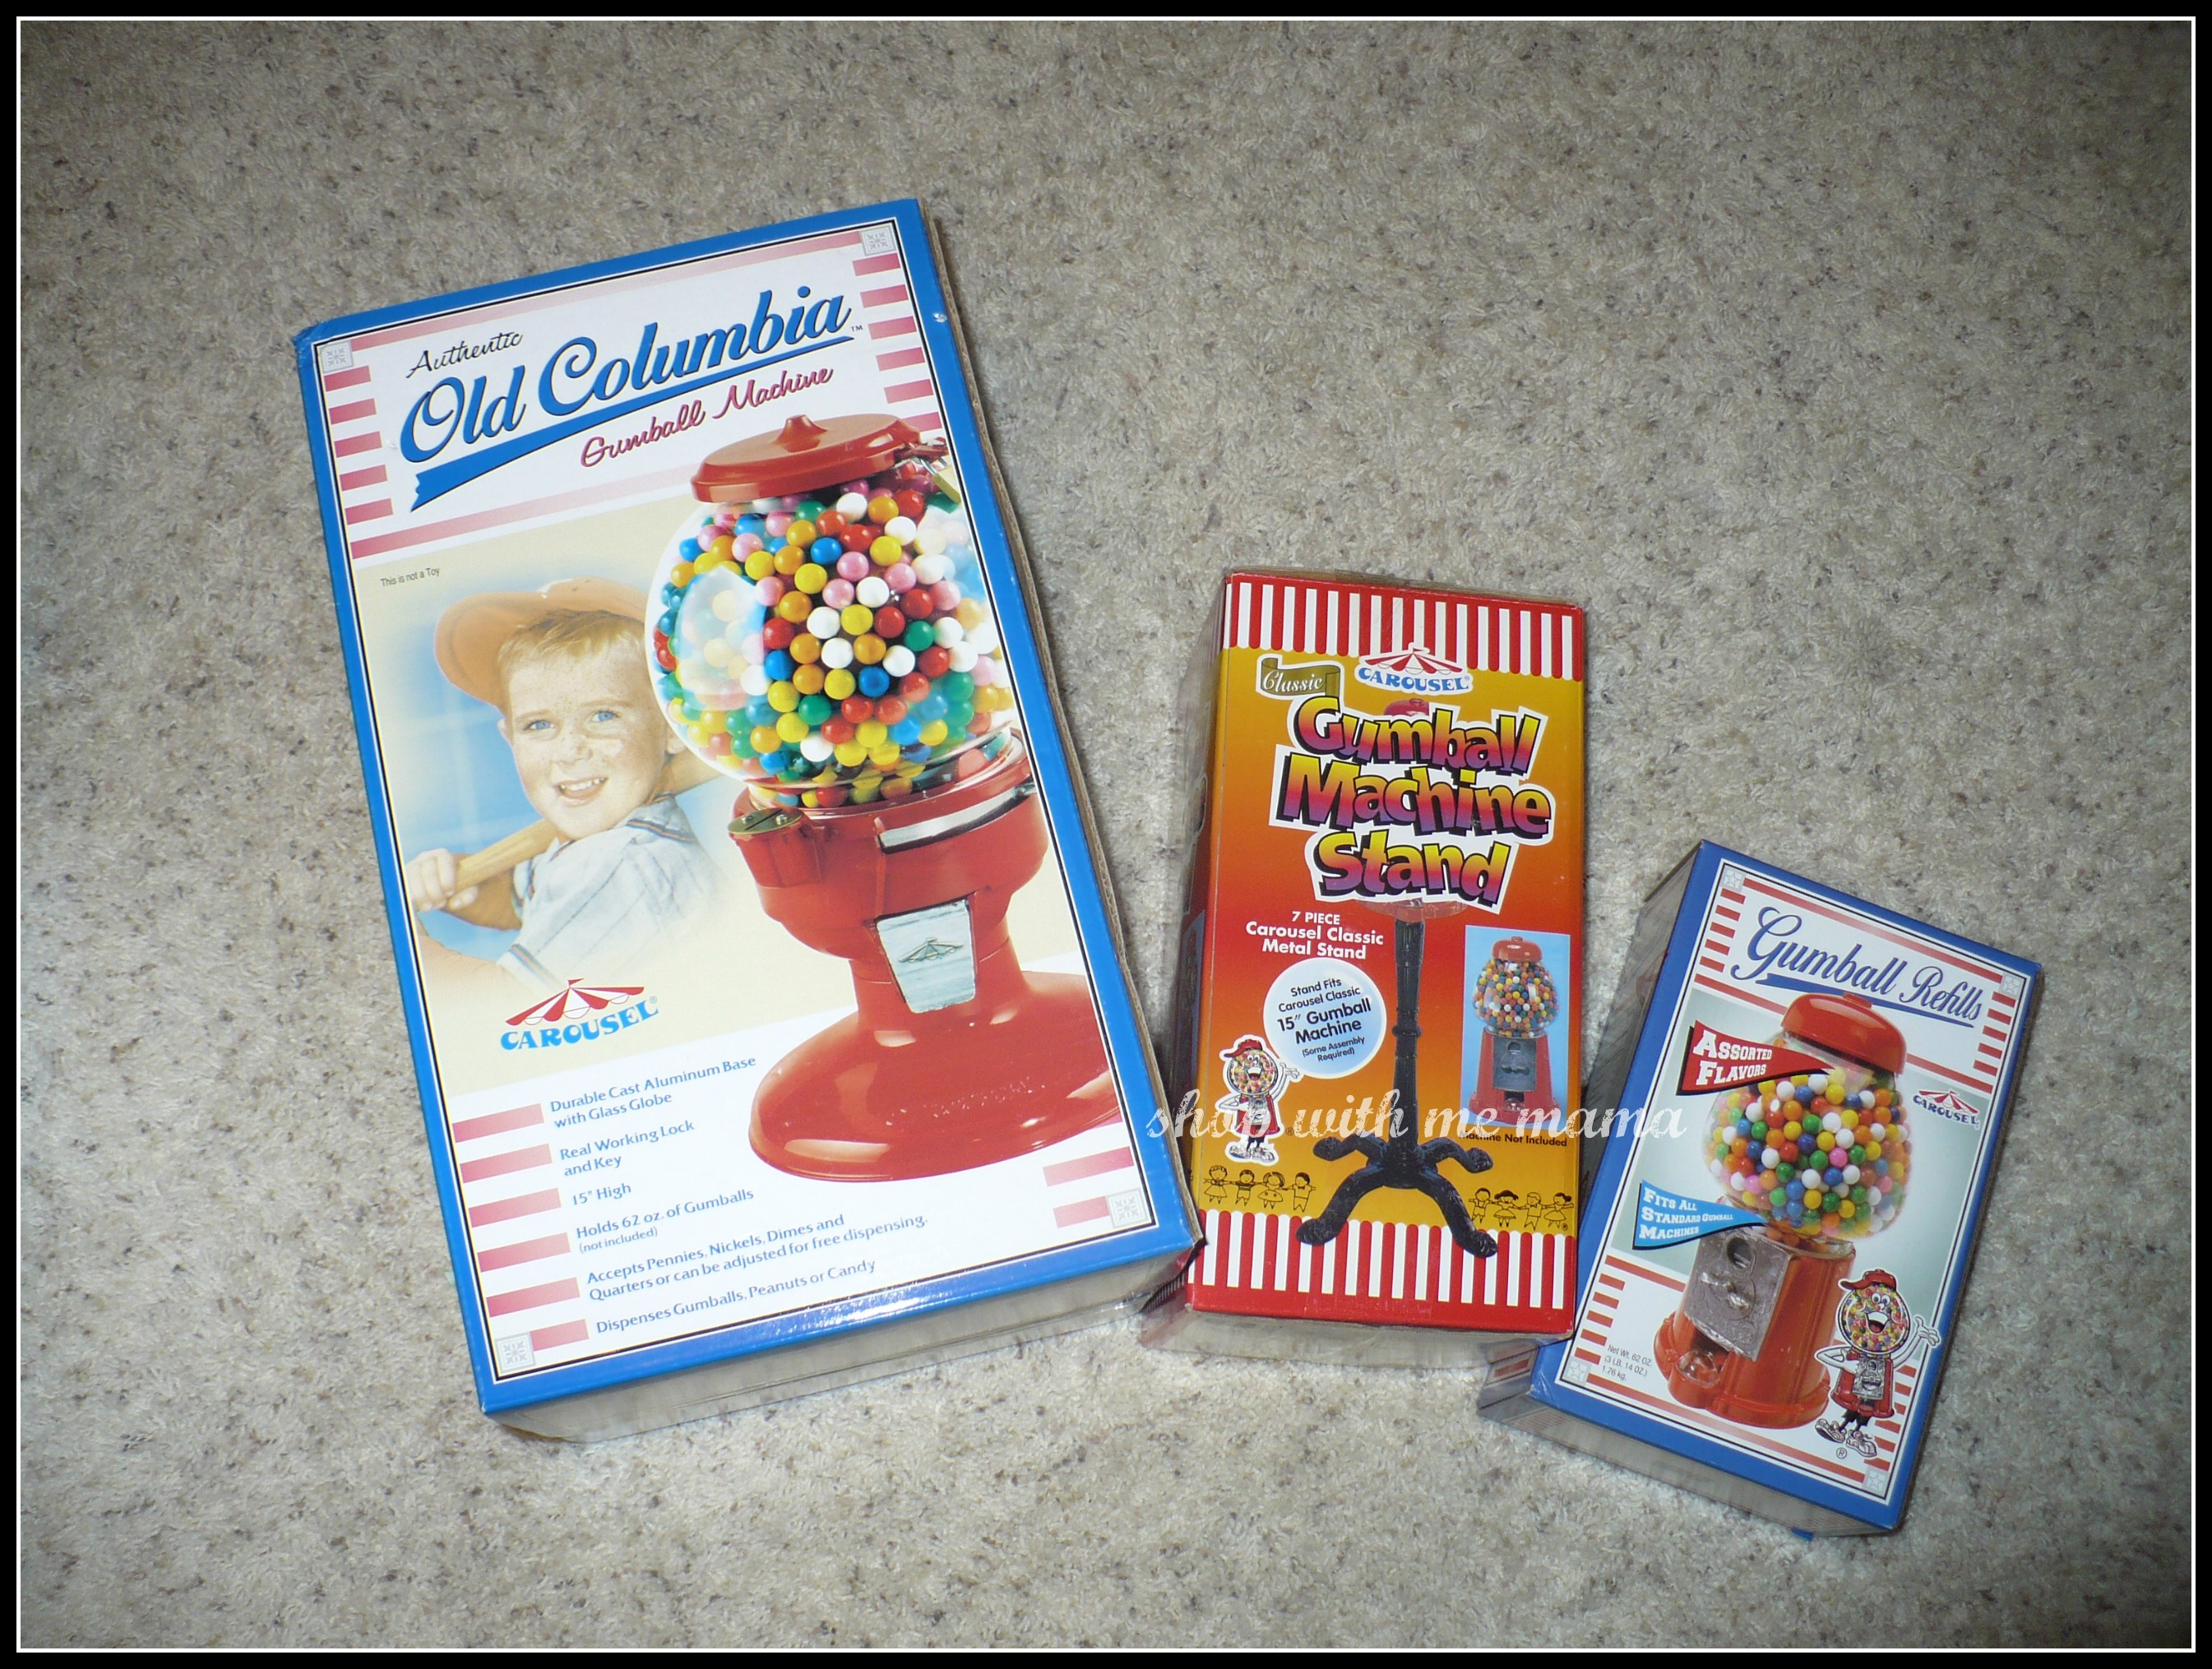 Carousel Old Columbia Gumball Machine